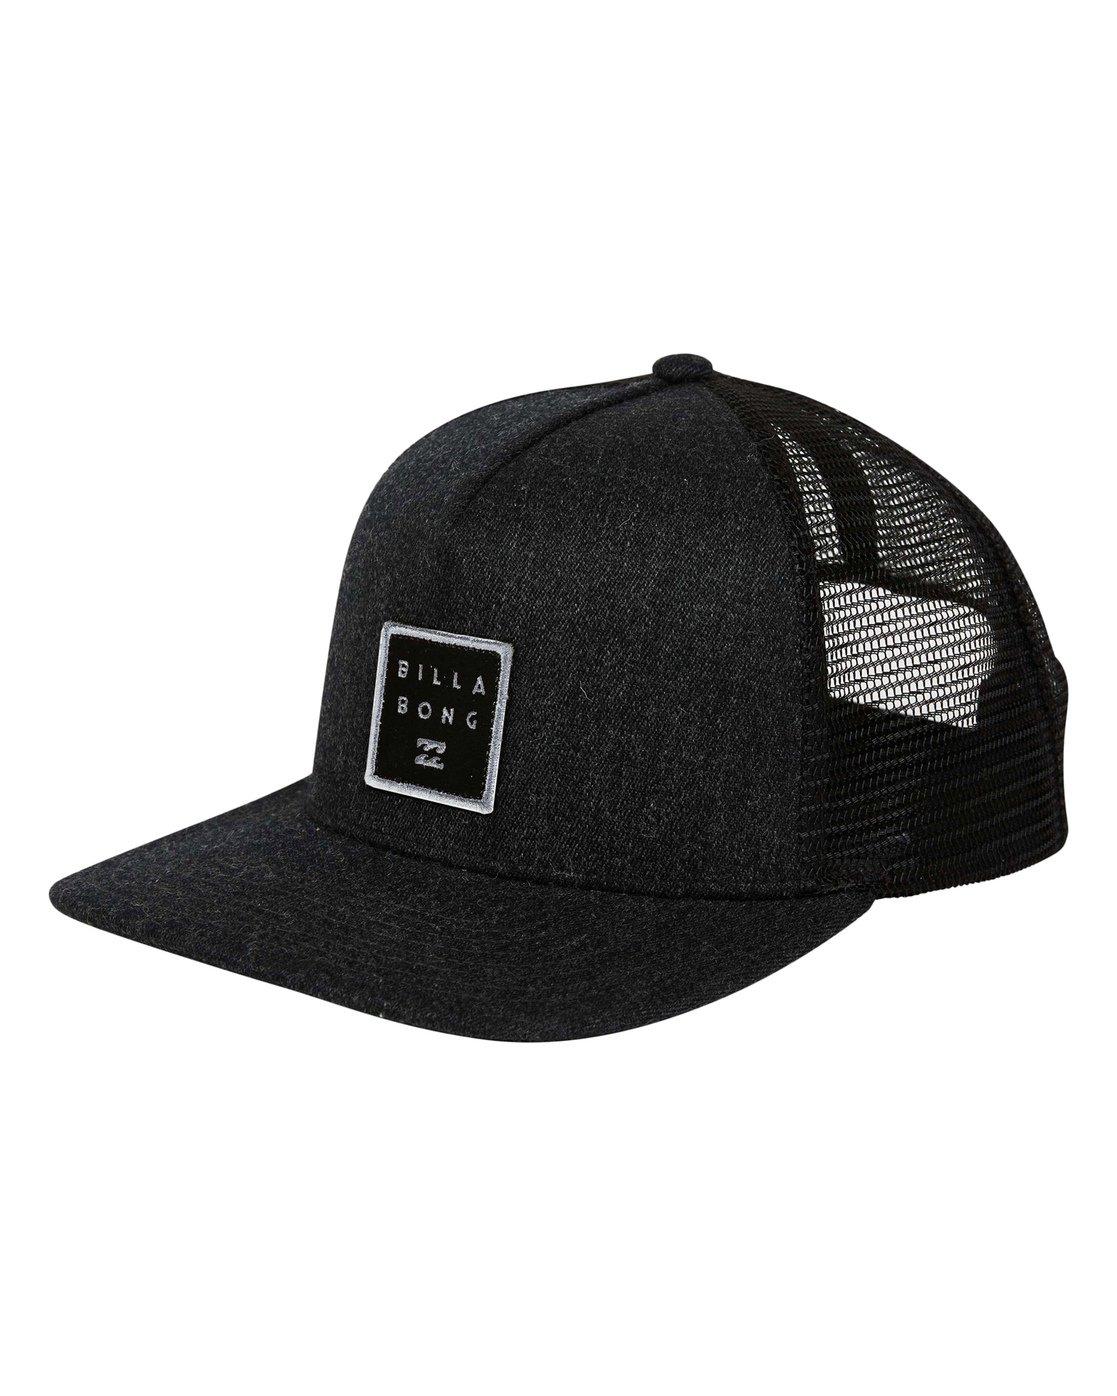 61a3d1c9a83 0 Stacked Trucker Hat Black MAHWTBST Billabong